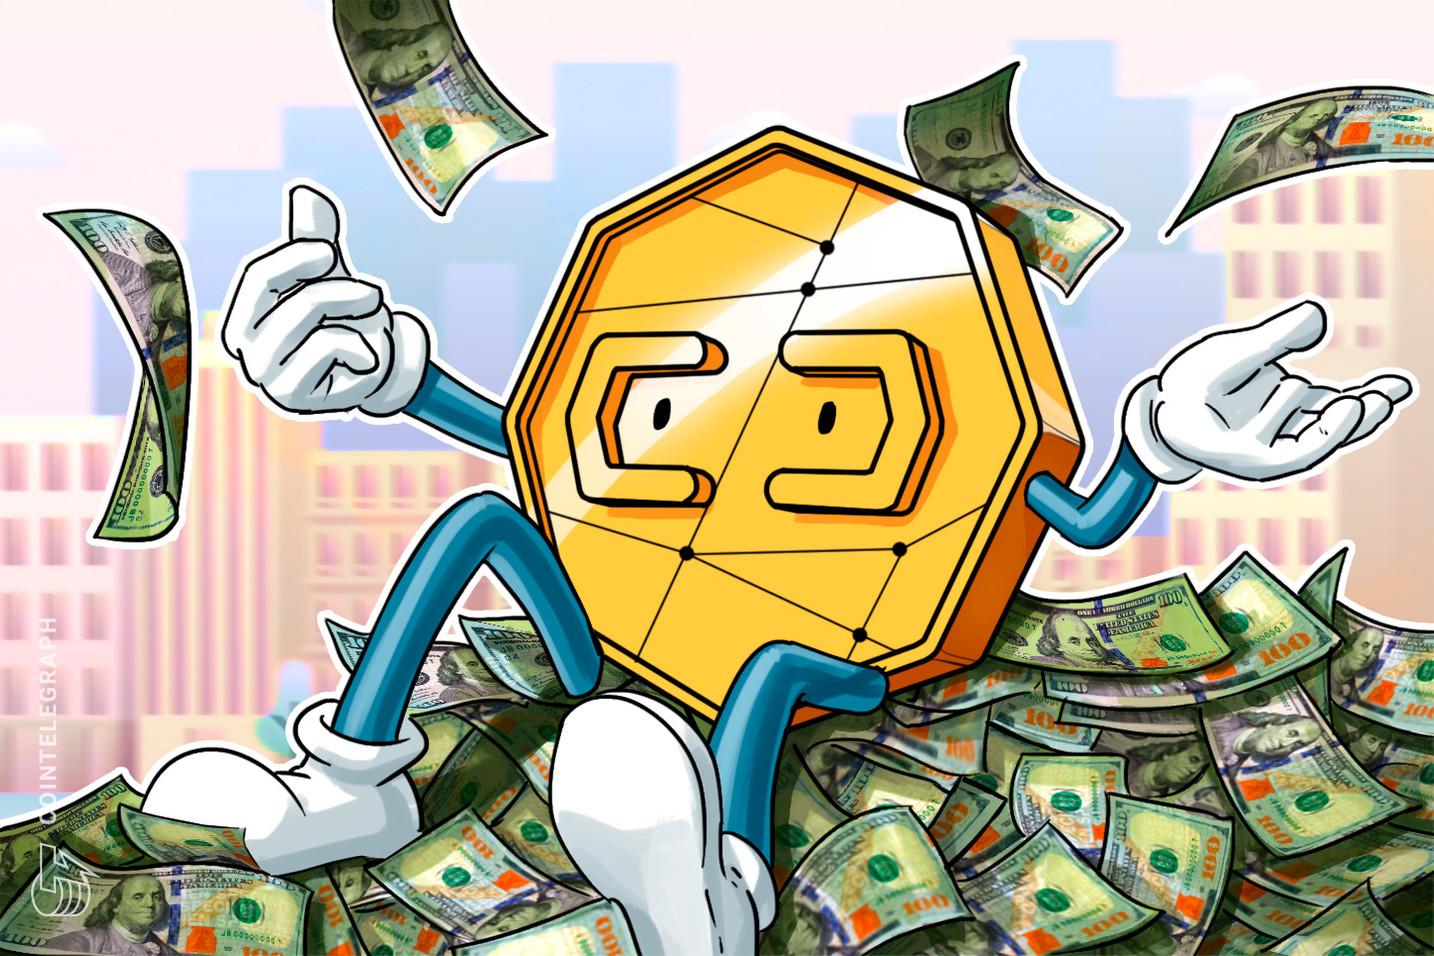 5G blockchain network raises $111M in Andreessen-led token sale